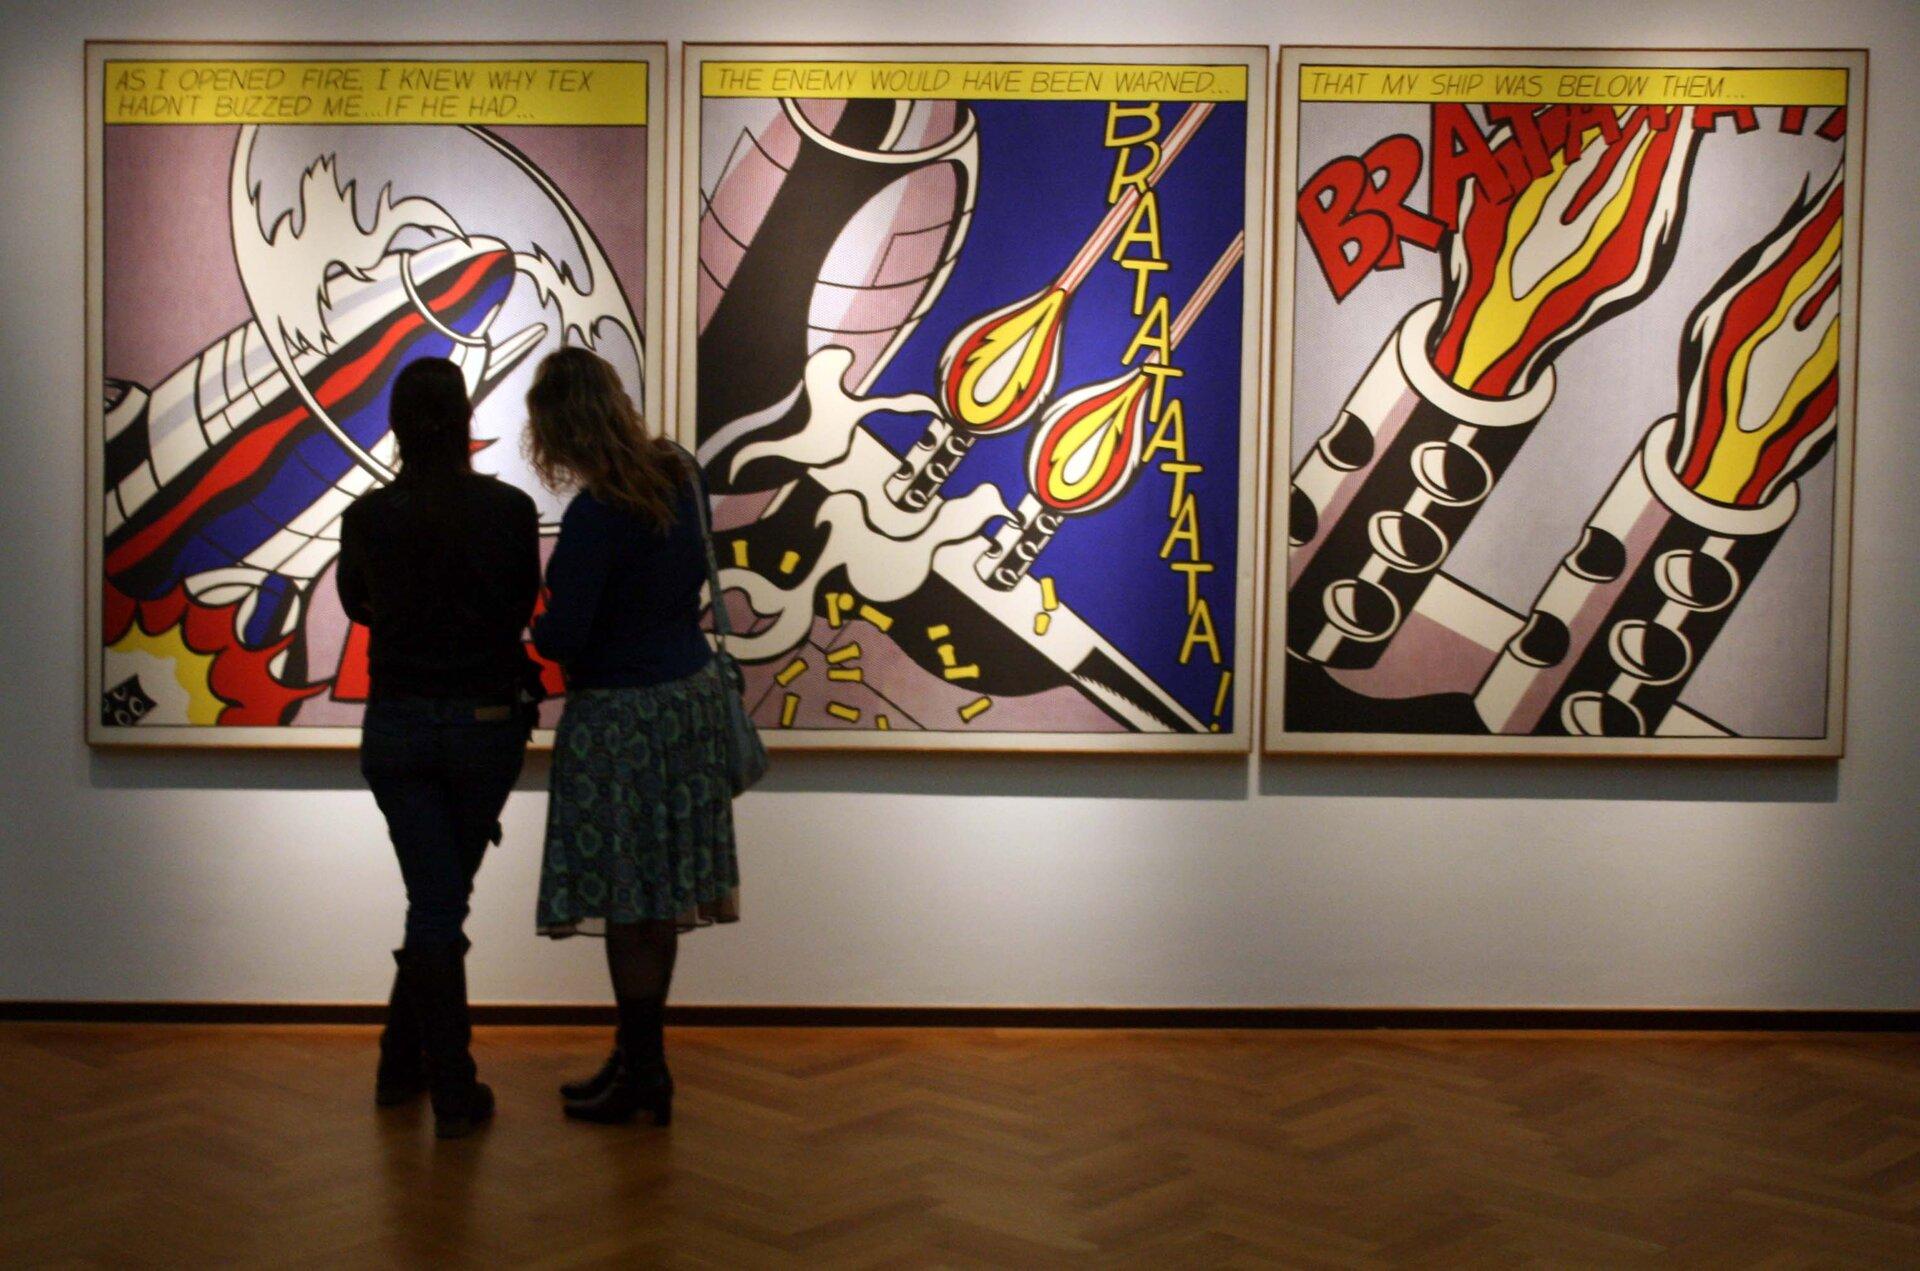 """Ilustracja przedstawia zdjęcie zgalerii przedstawiające dzieło Roya Lichtensteina """"As IOpened Fire"""", ukazujące dwie postacie stojące przed obrazami artysty. Na ścianie wiszą trzy obrazy. Pierwszy przedstawia fragment samolotu zkręcącym się śmigłem. Drugi fragment skrzydła, zktórego wystrzeliwane są pociski. Trzeci jest zbliżeniem na pociski."""